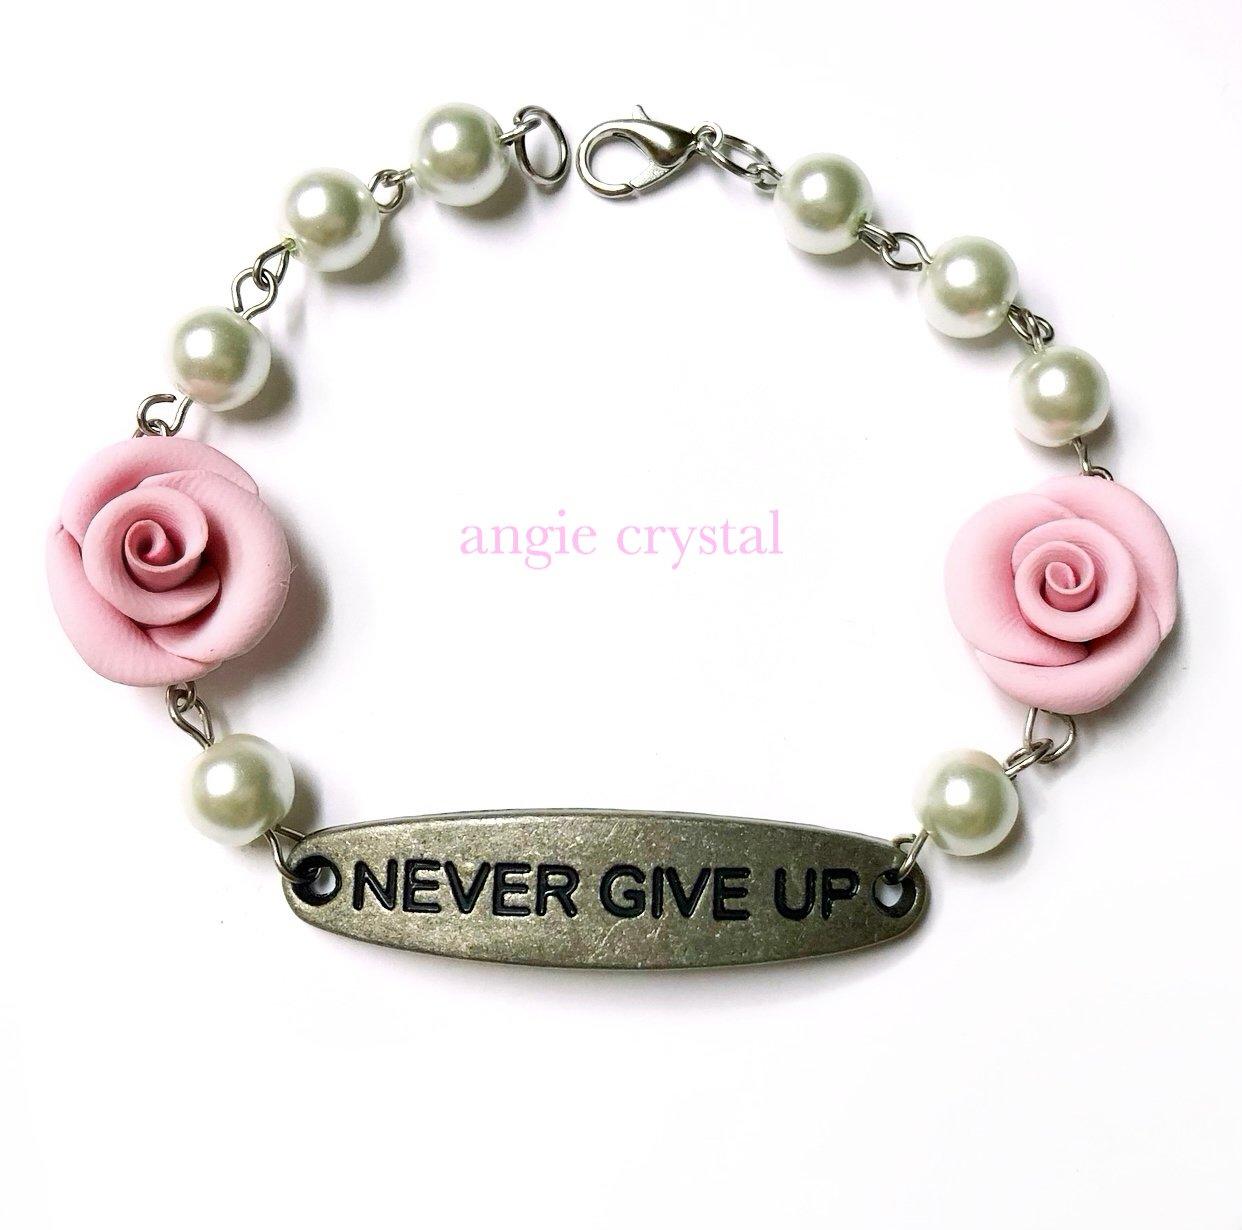 Image of Never Give Up Pink Bracelet